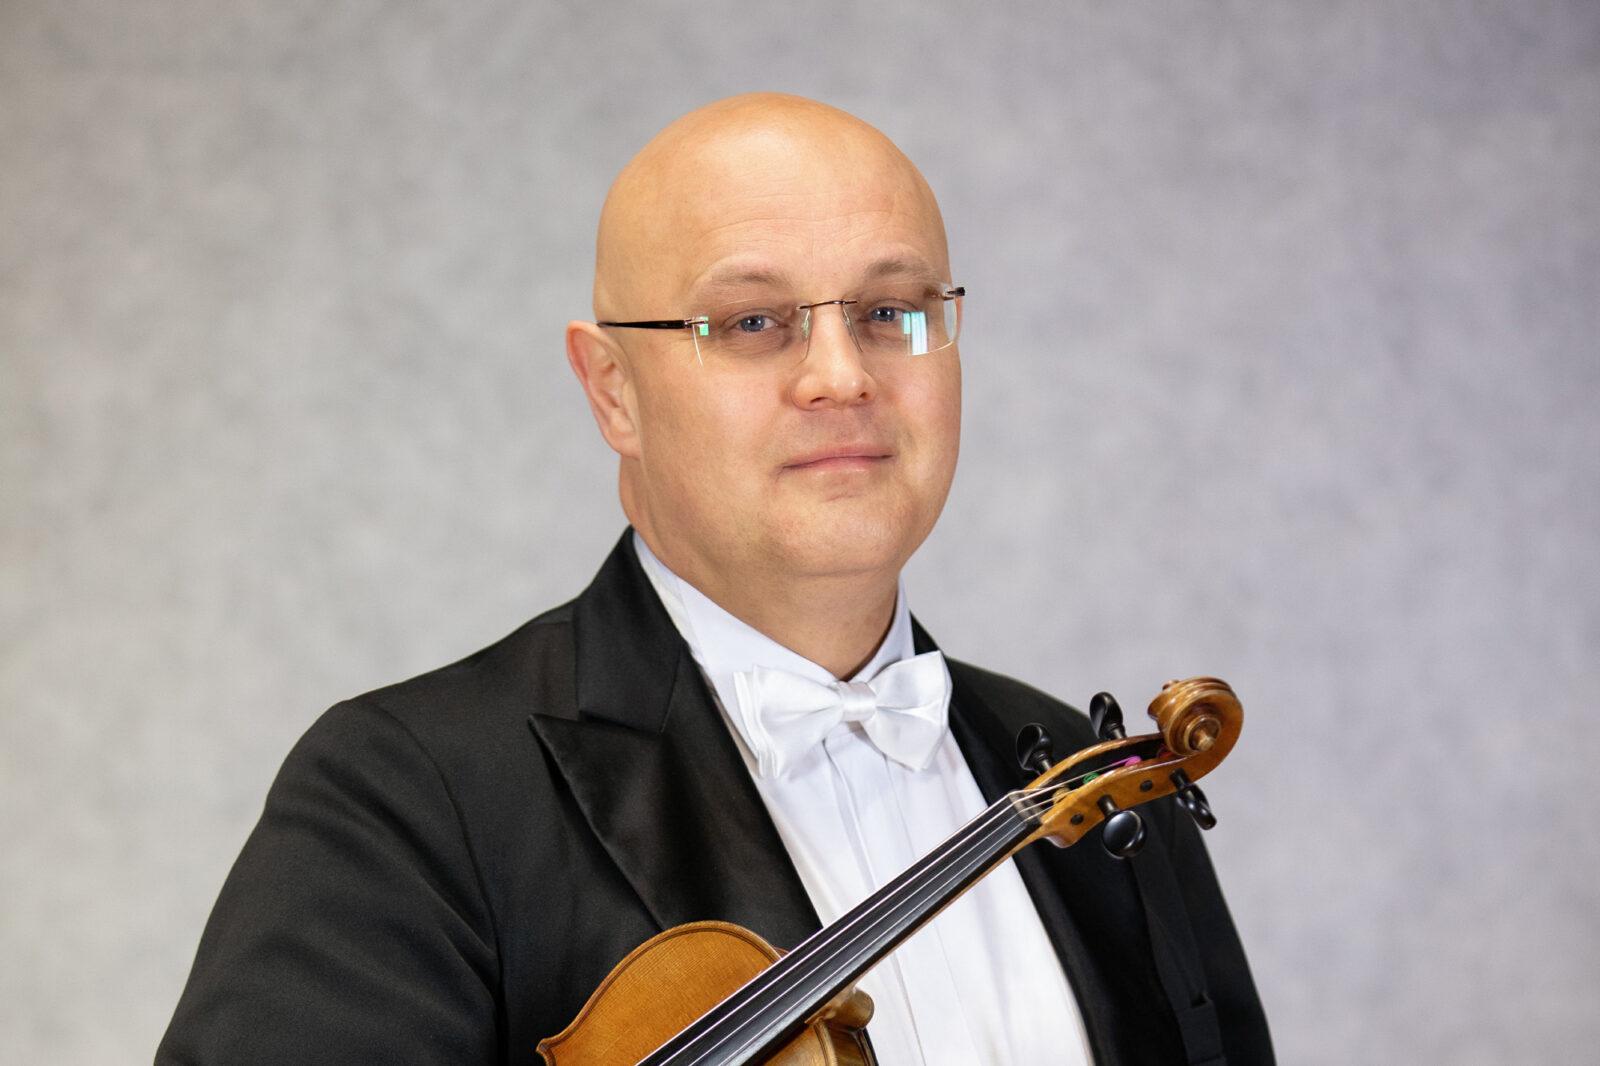 Maciej Rysak